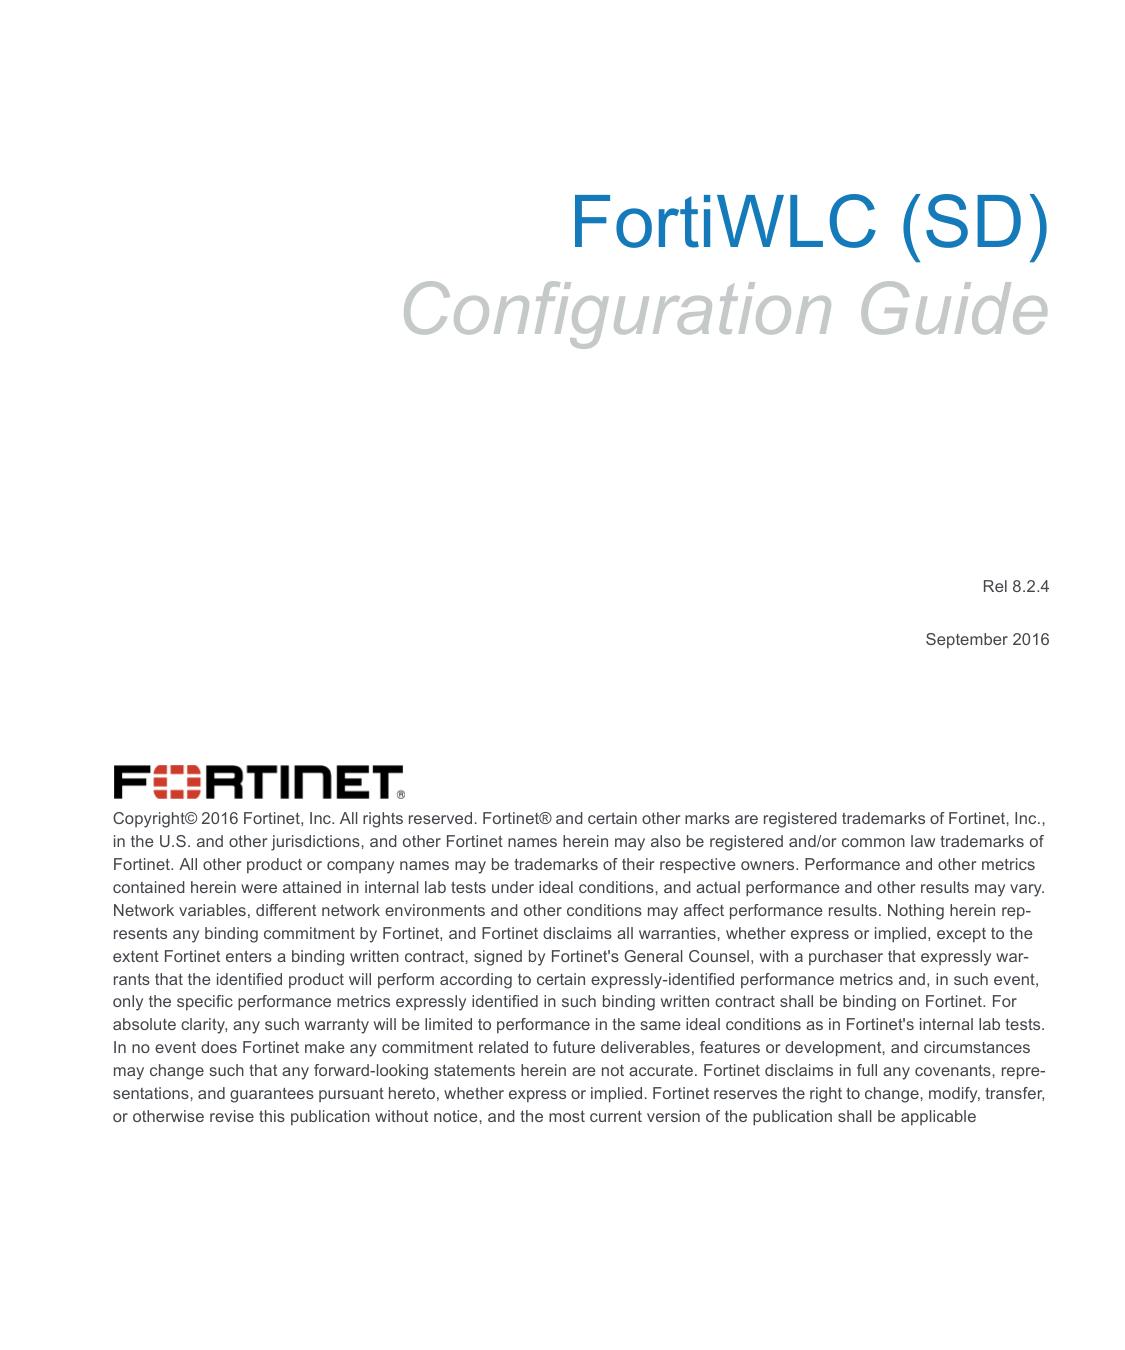 FortiWLC (SD) Configuration Guide | manualzz com